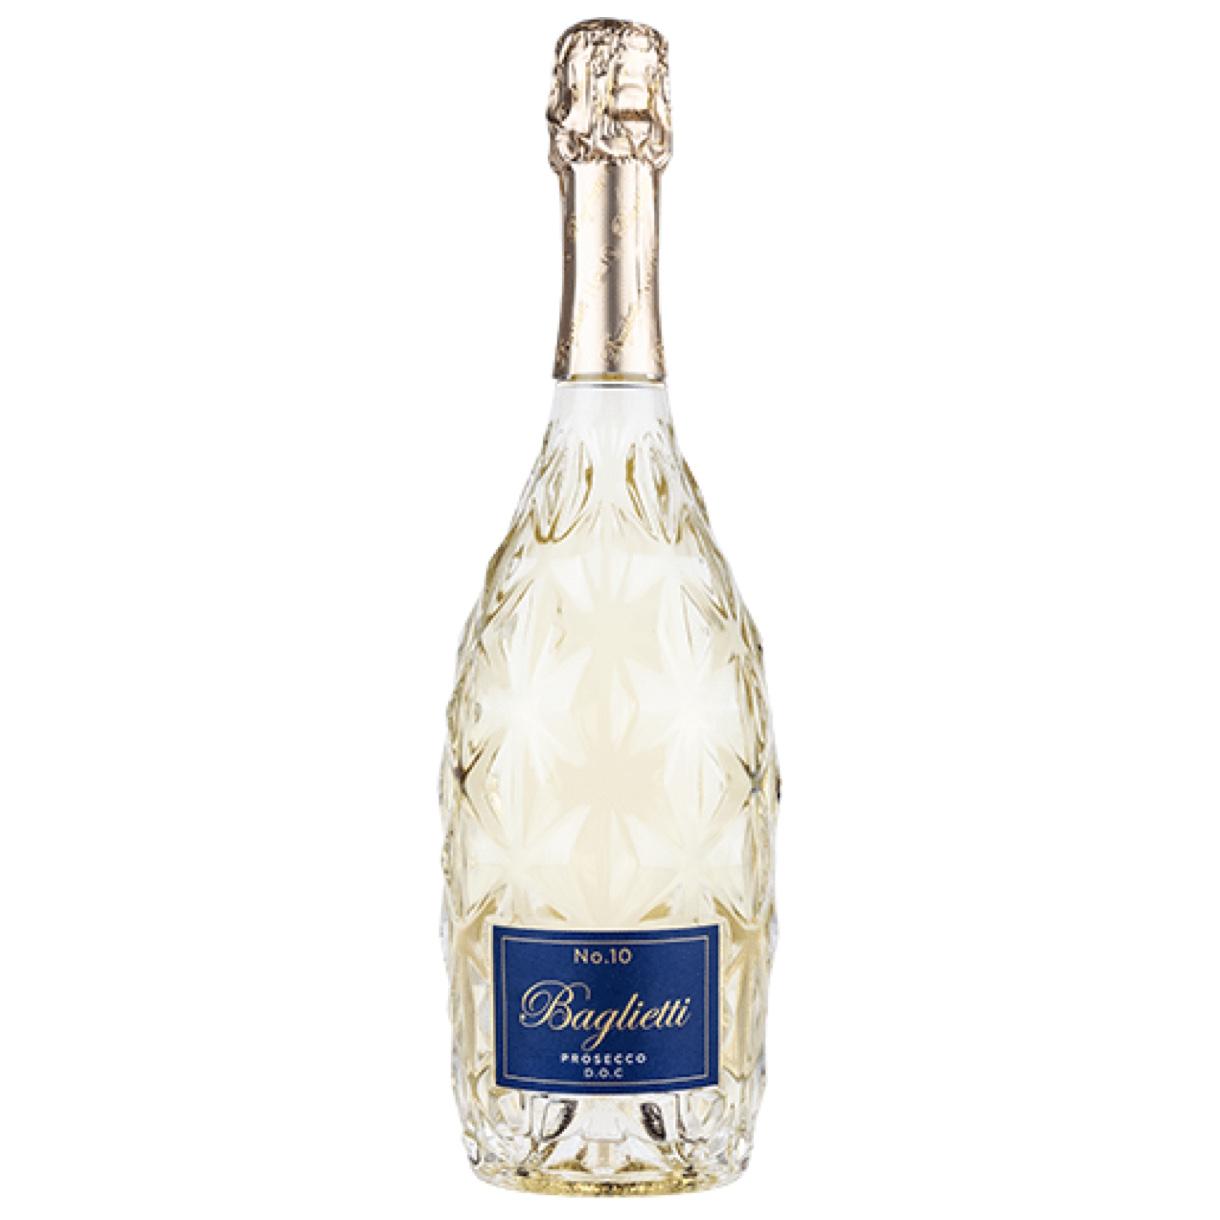 47-Anno-Domini-Baglietti-Prosecco-wijn-van-ons